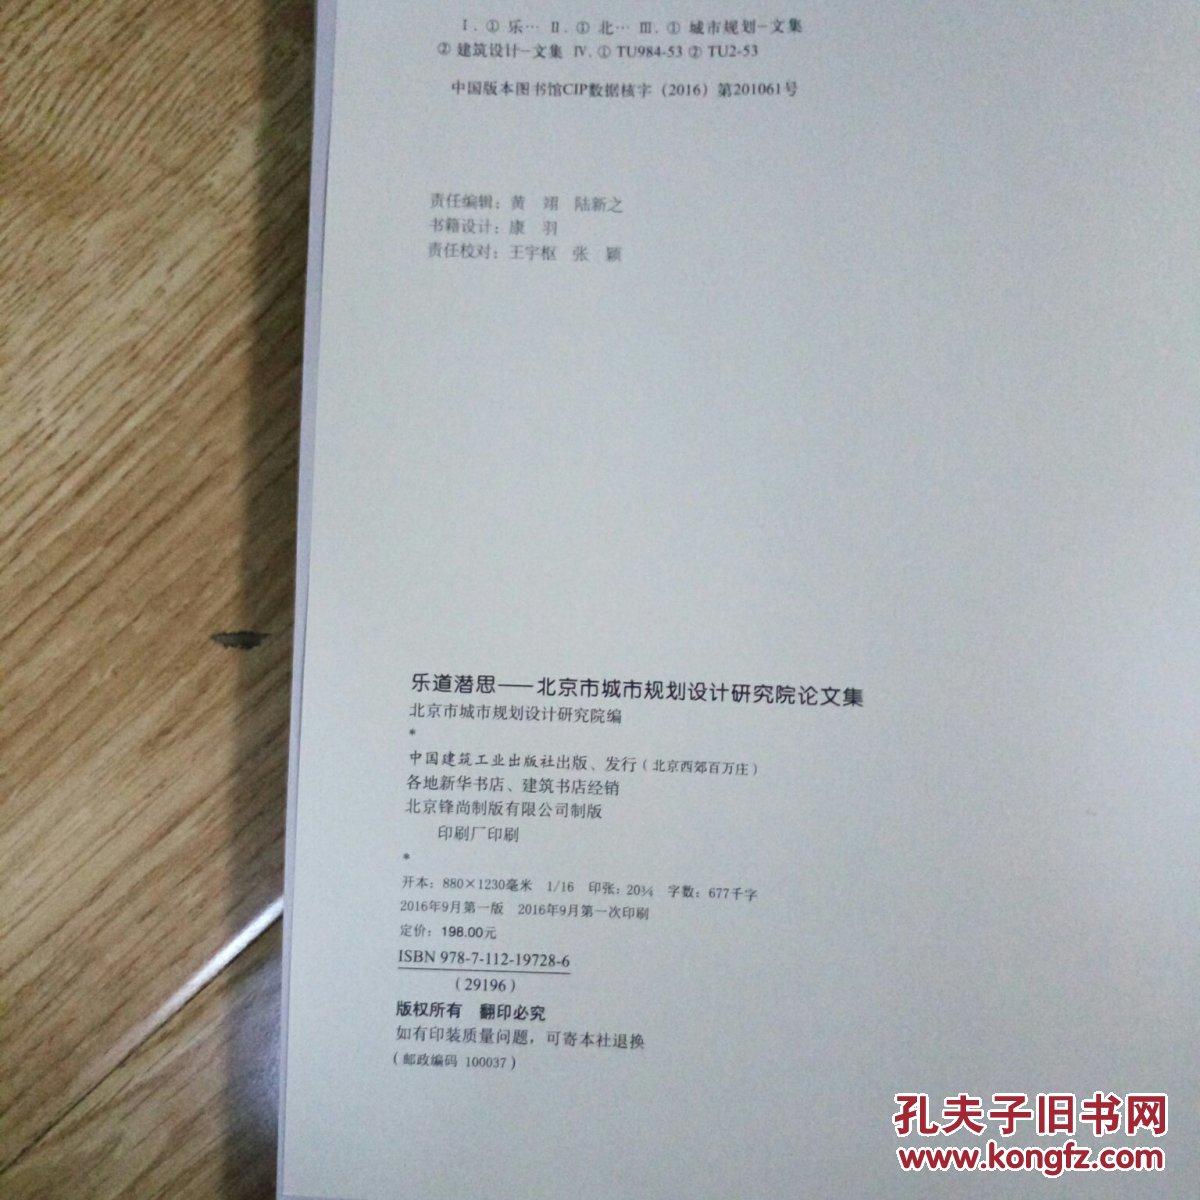 北京市城市规划设计研究院三十周年礼士营城 乐道潜思图片